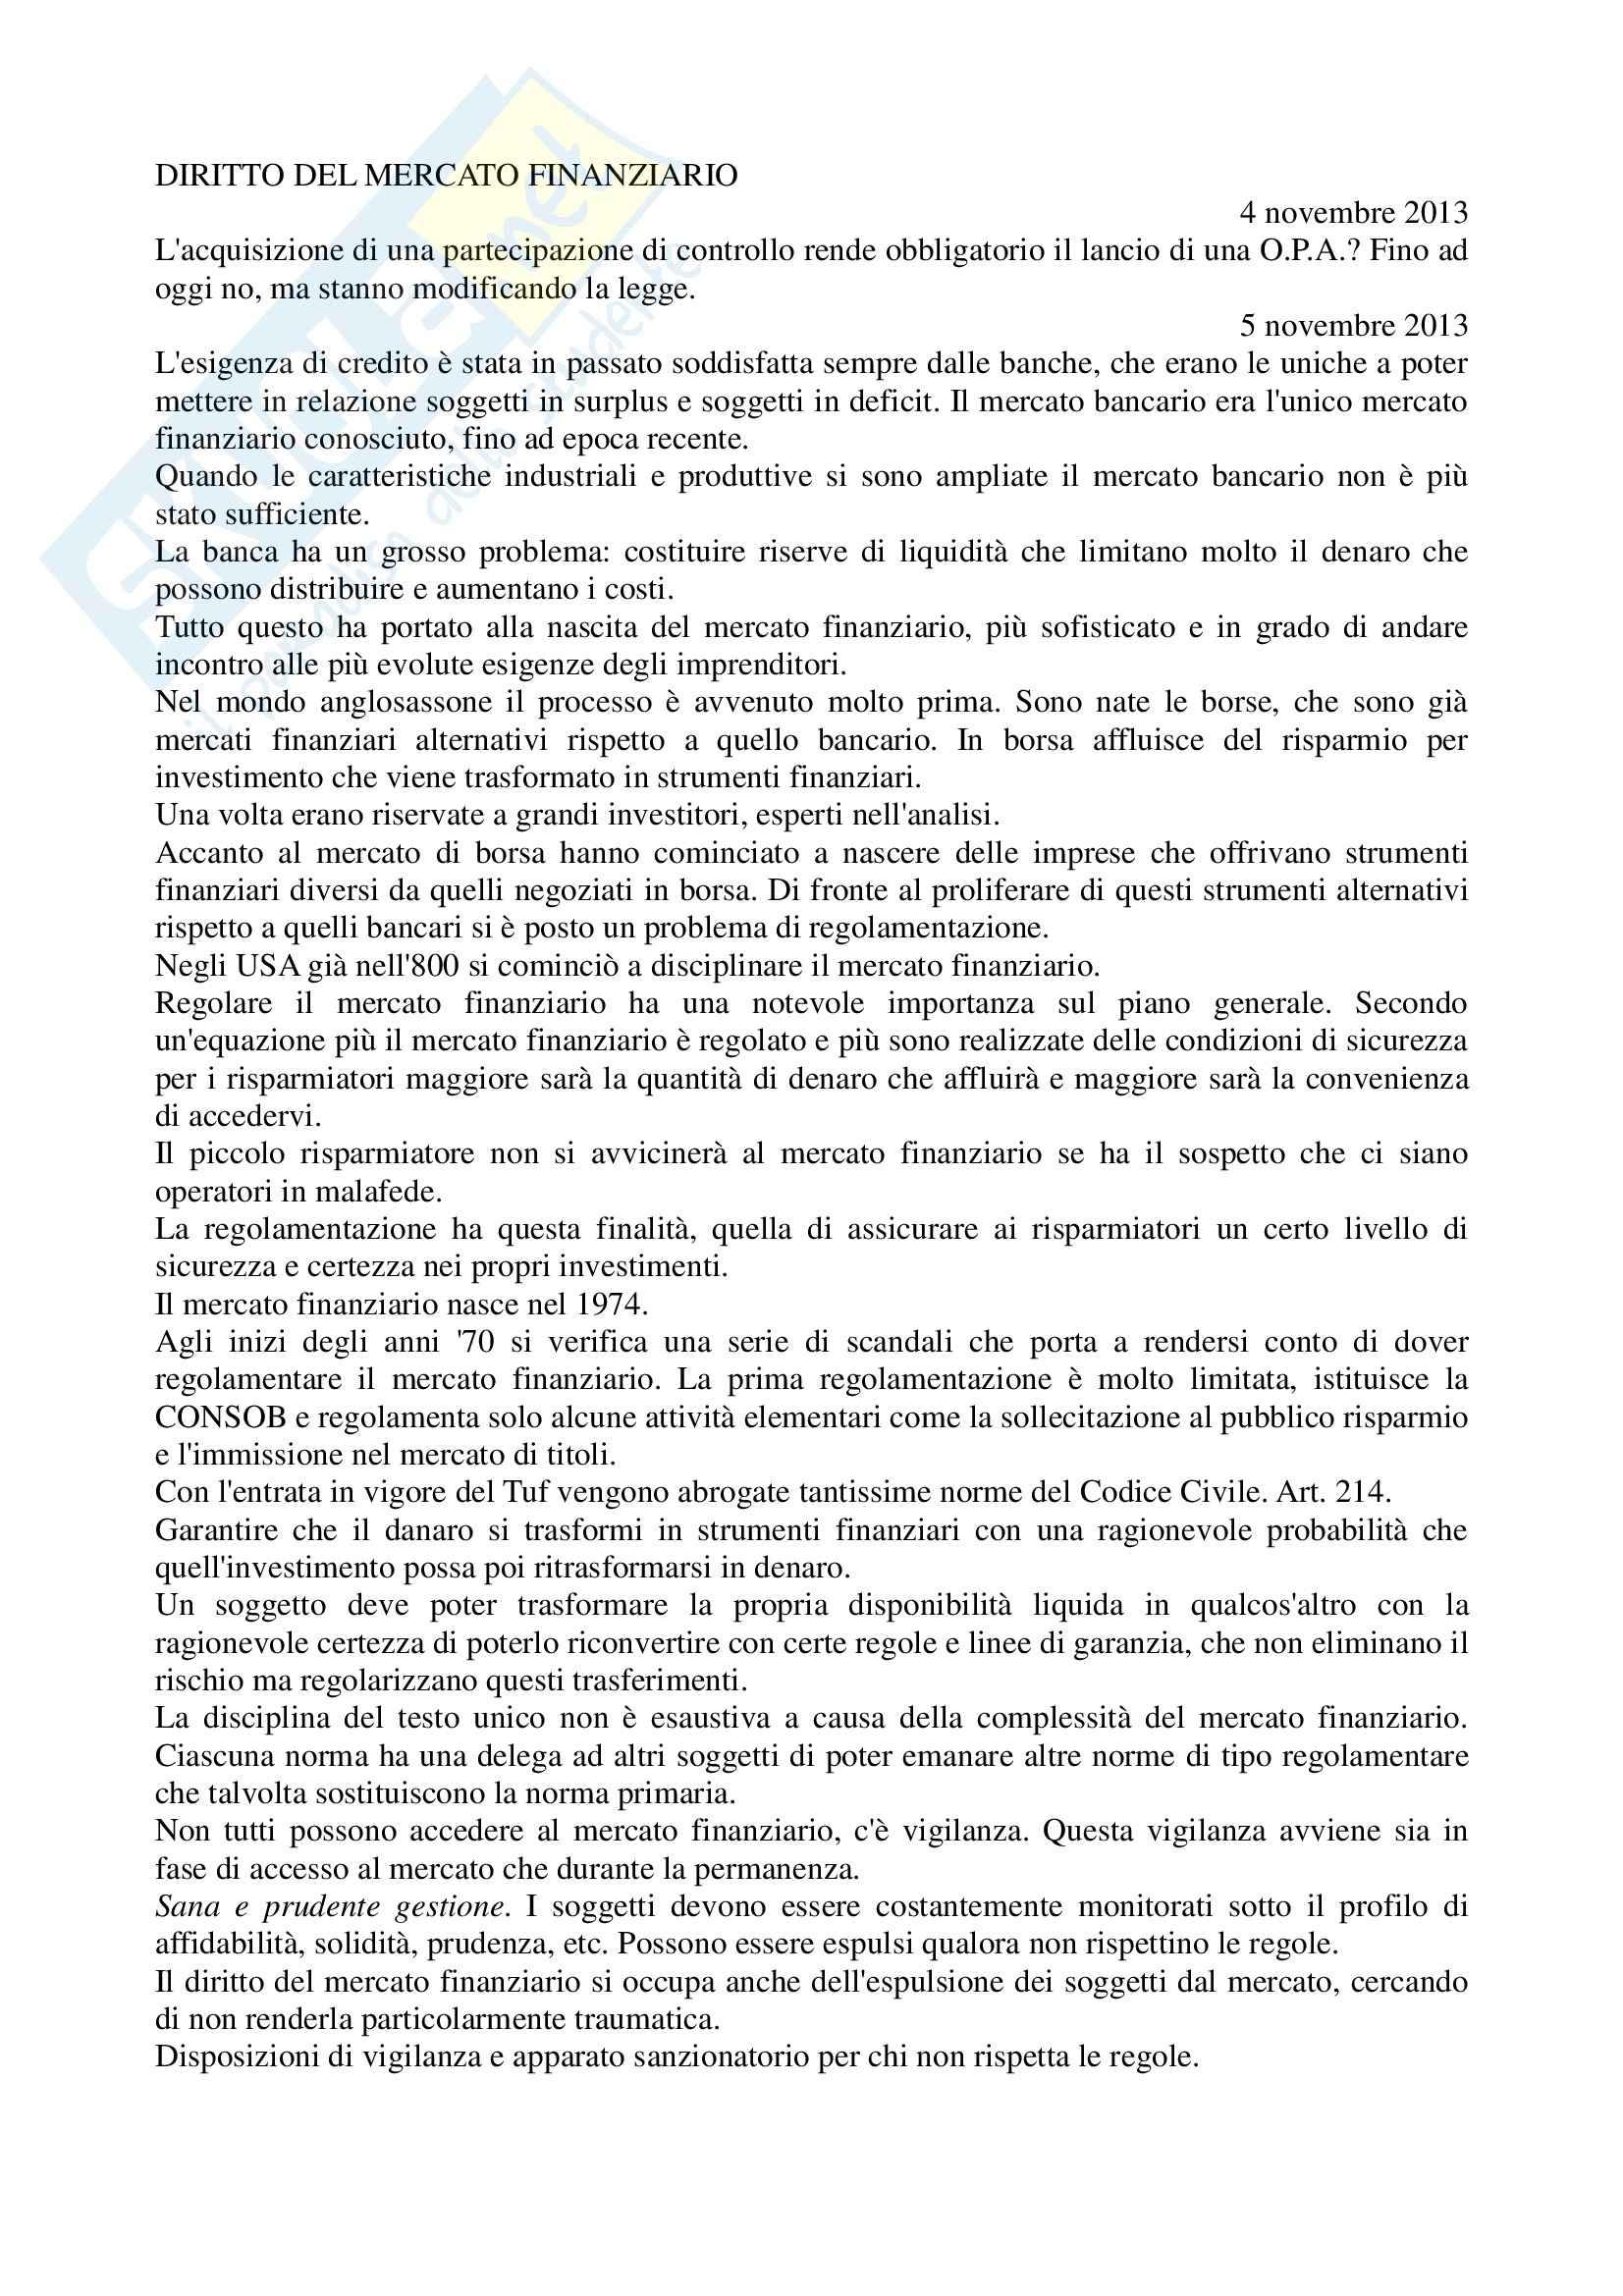 Diritto del mercato finanziario - Appunti parte 1